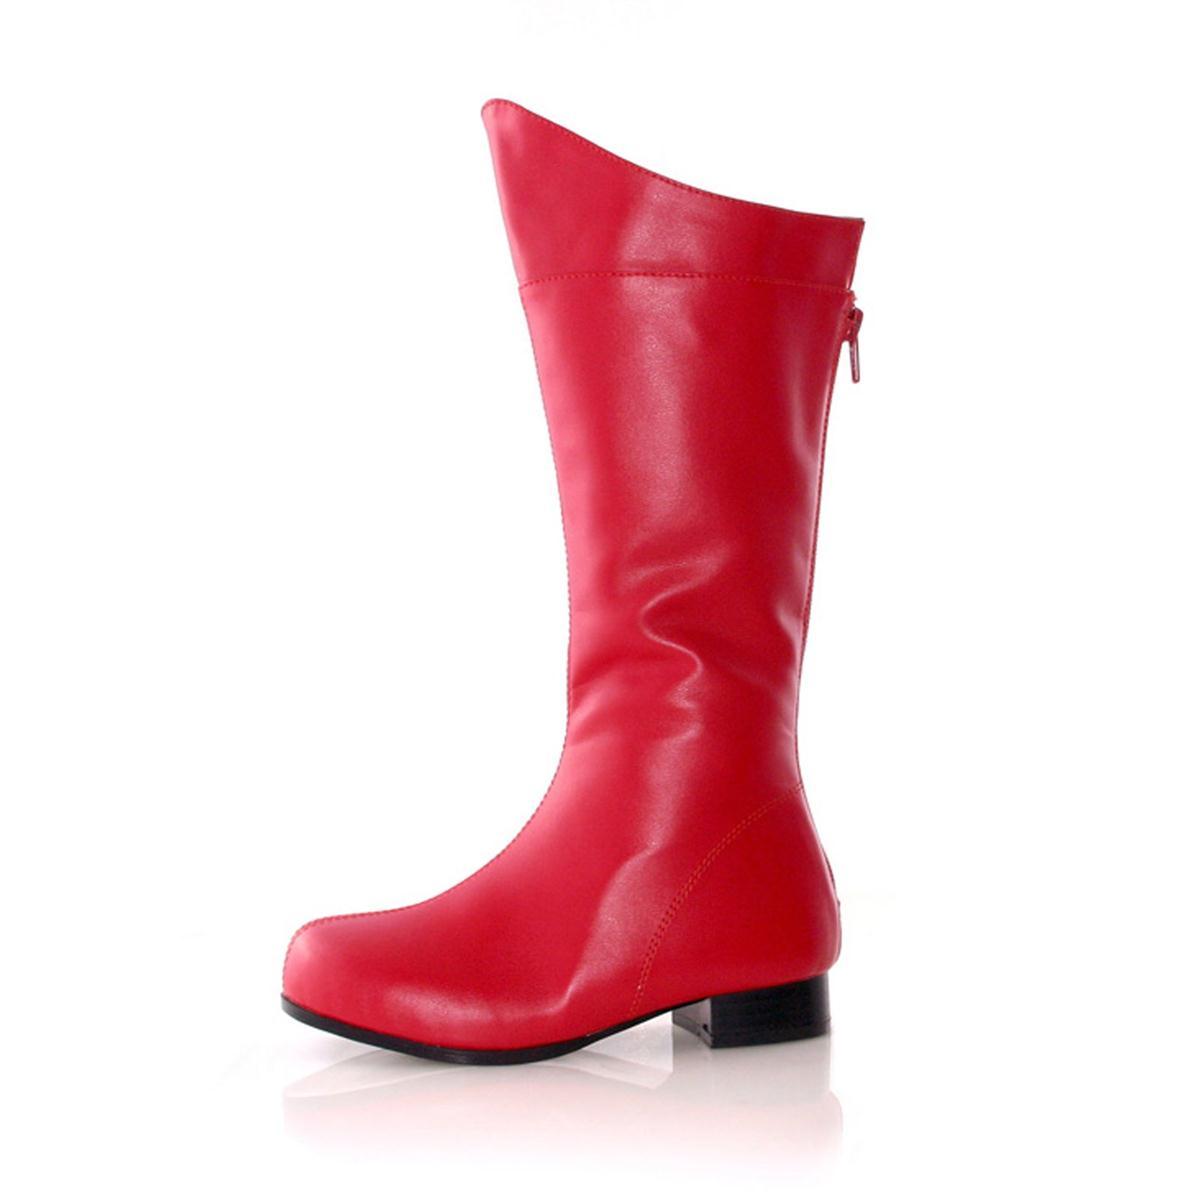 戦隊 ヒーロー なりきり コスプレ グッズ 子供 男の子用 ブーツ 靴 赤 レッド キッズ 仮装 シューズ